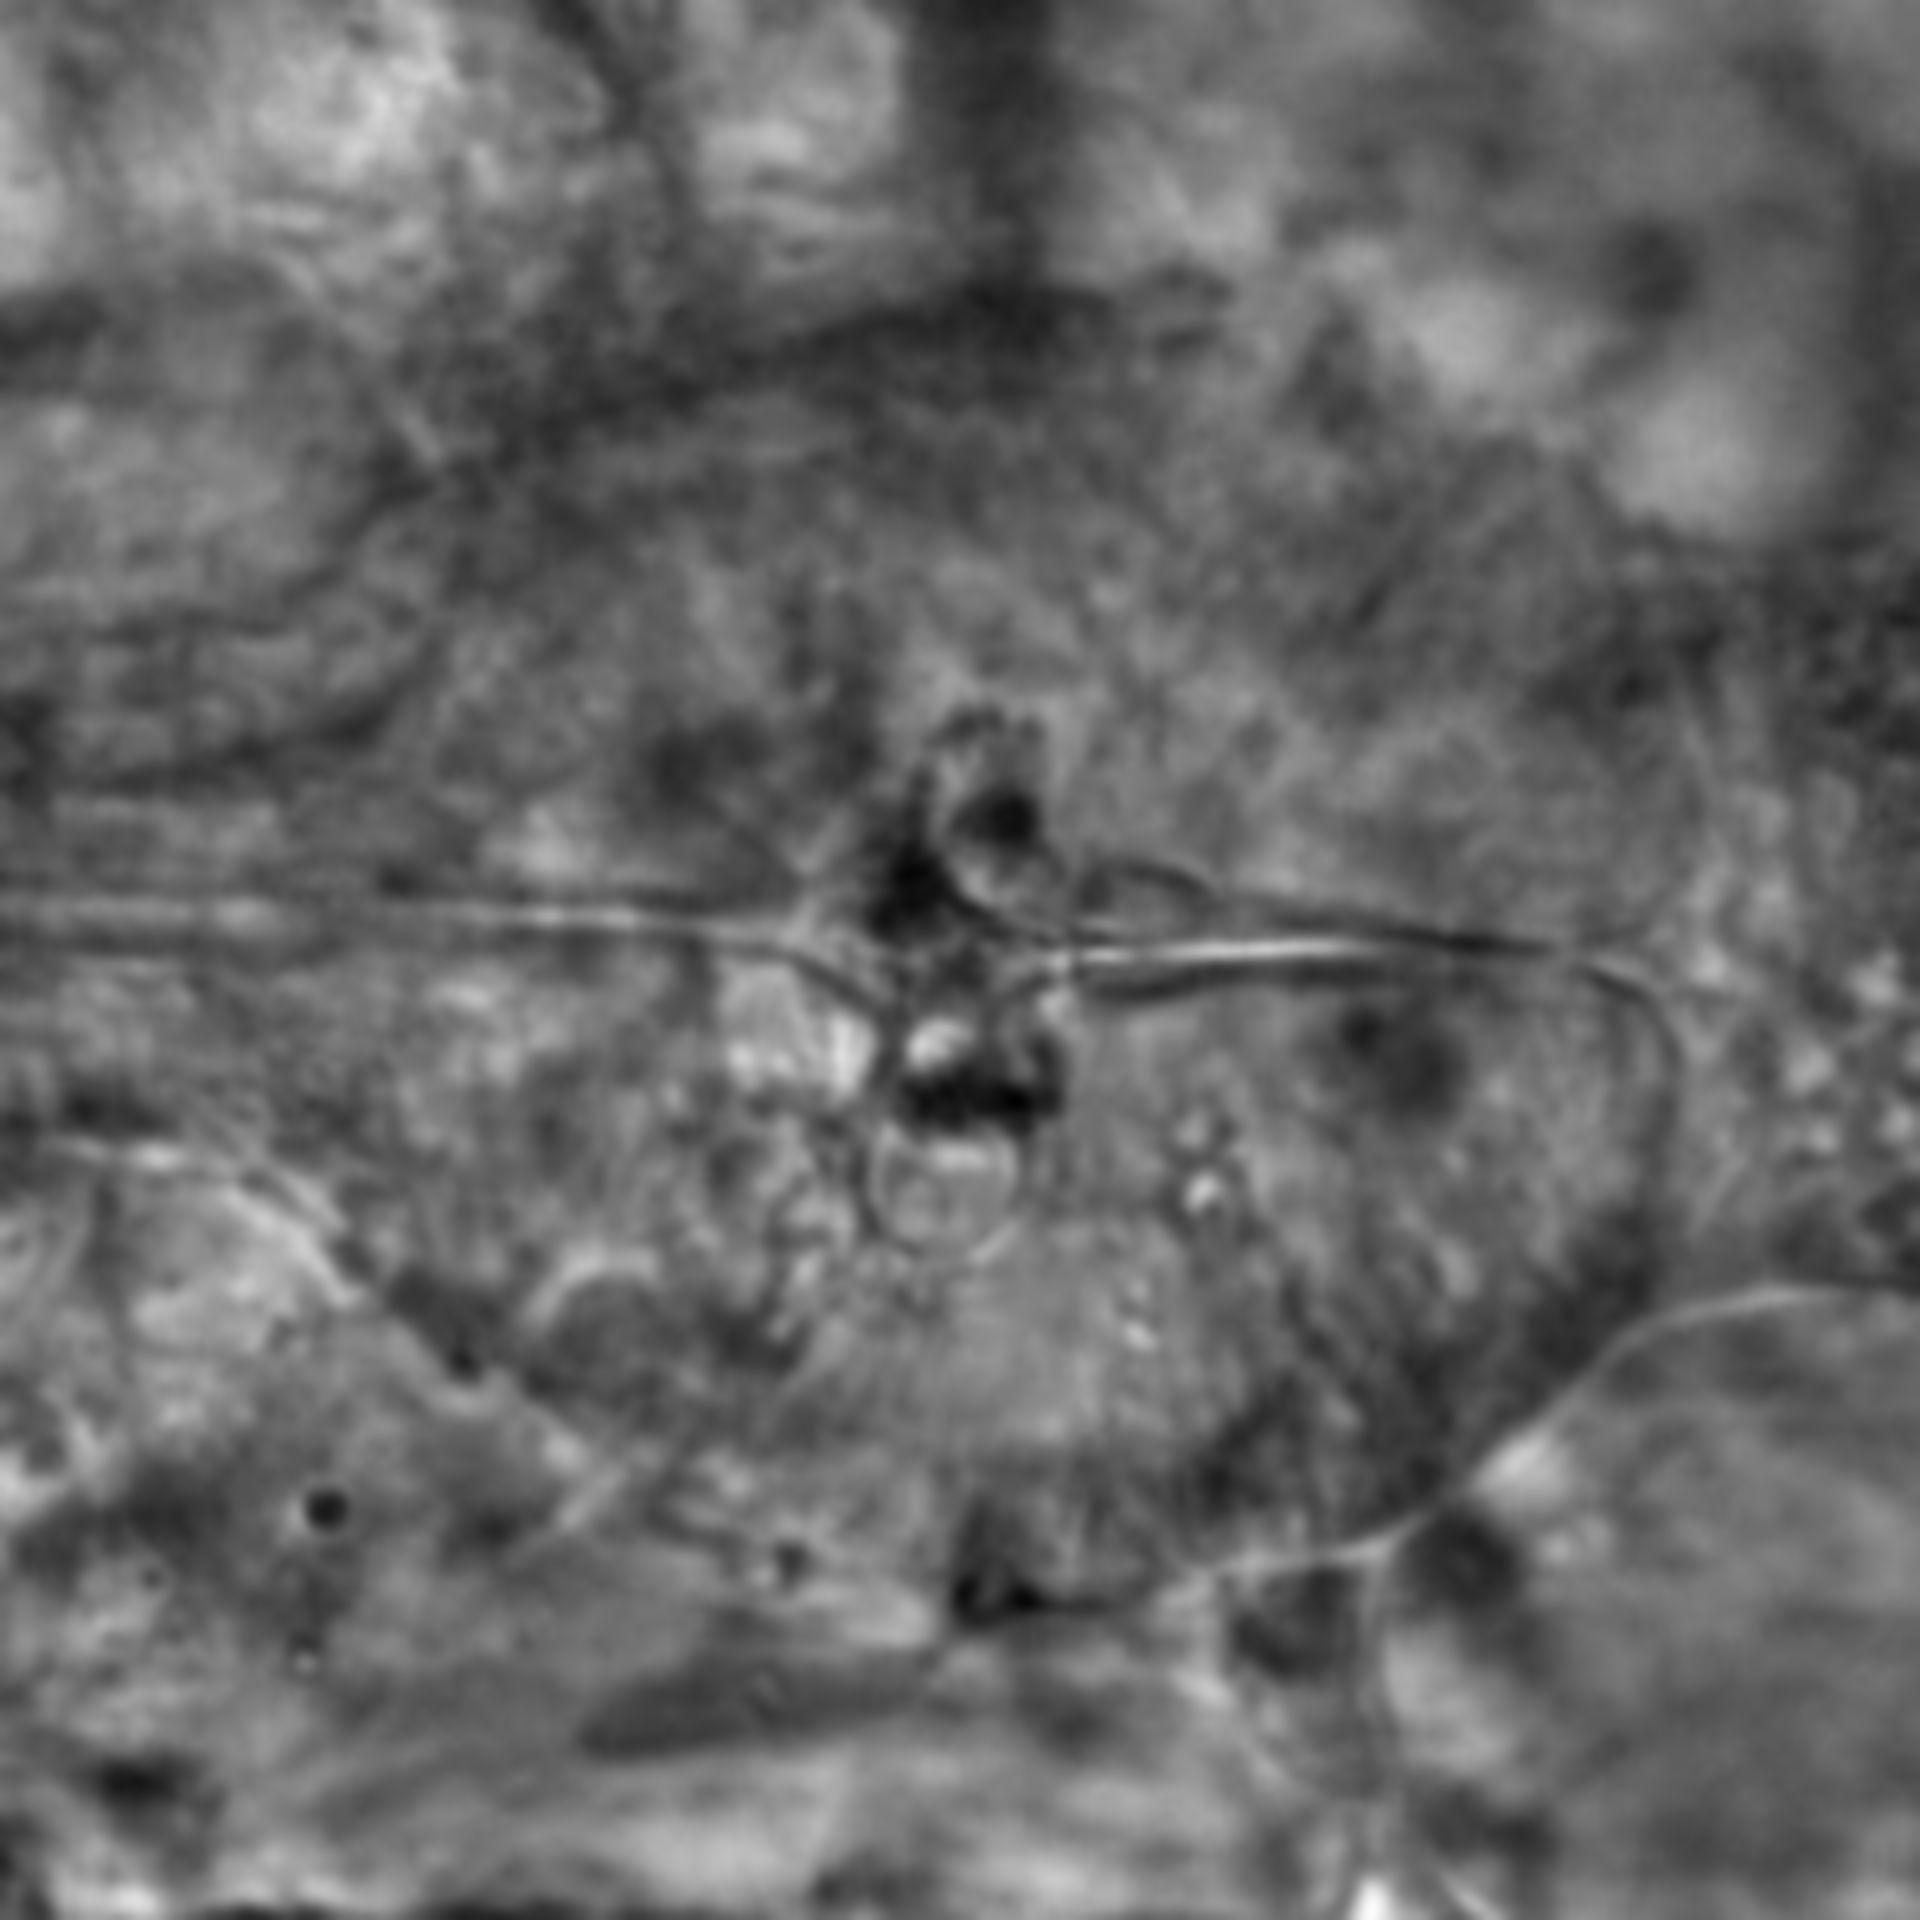 Caenorhabditis elegans - CIL:1937